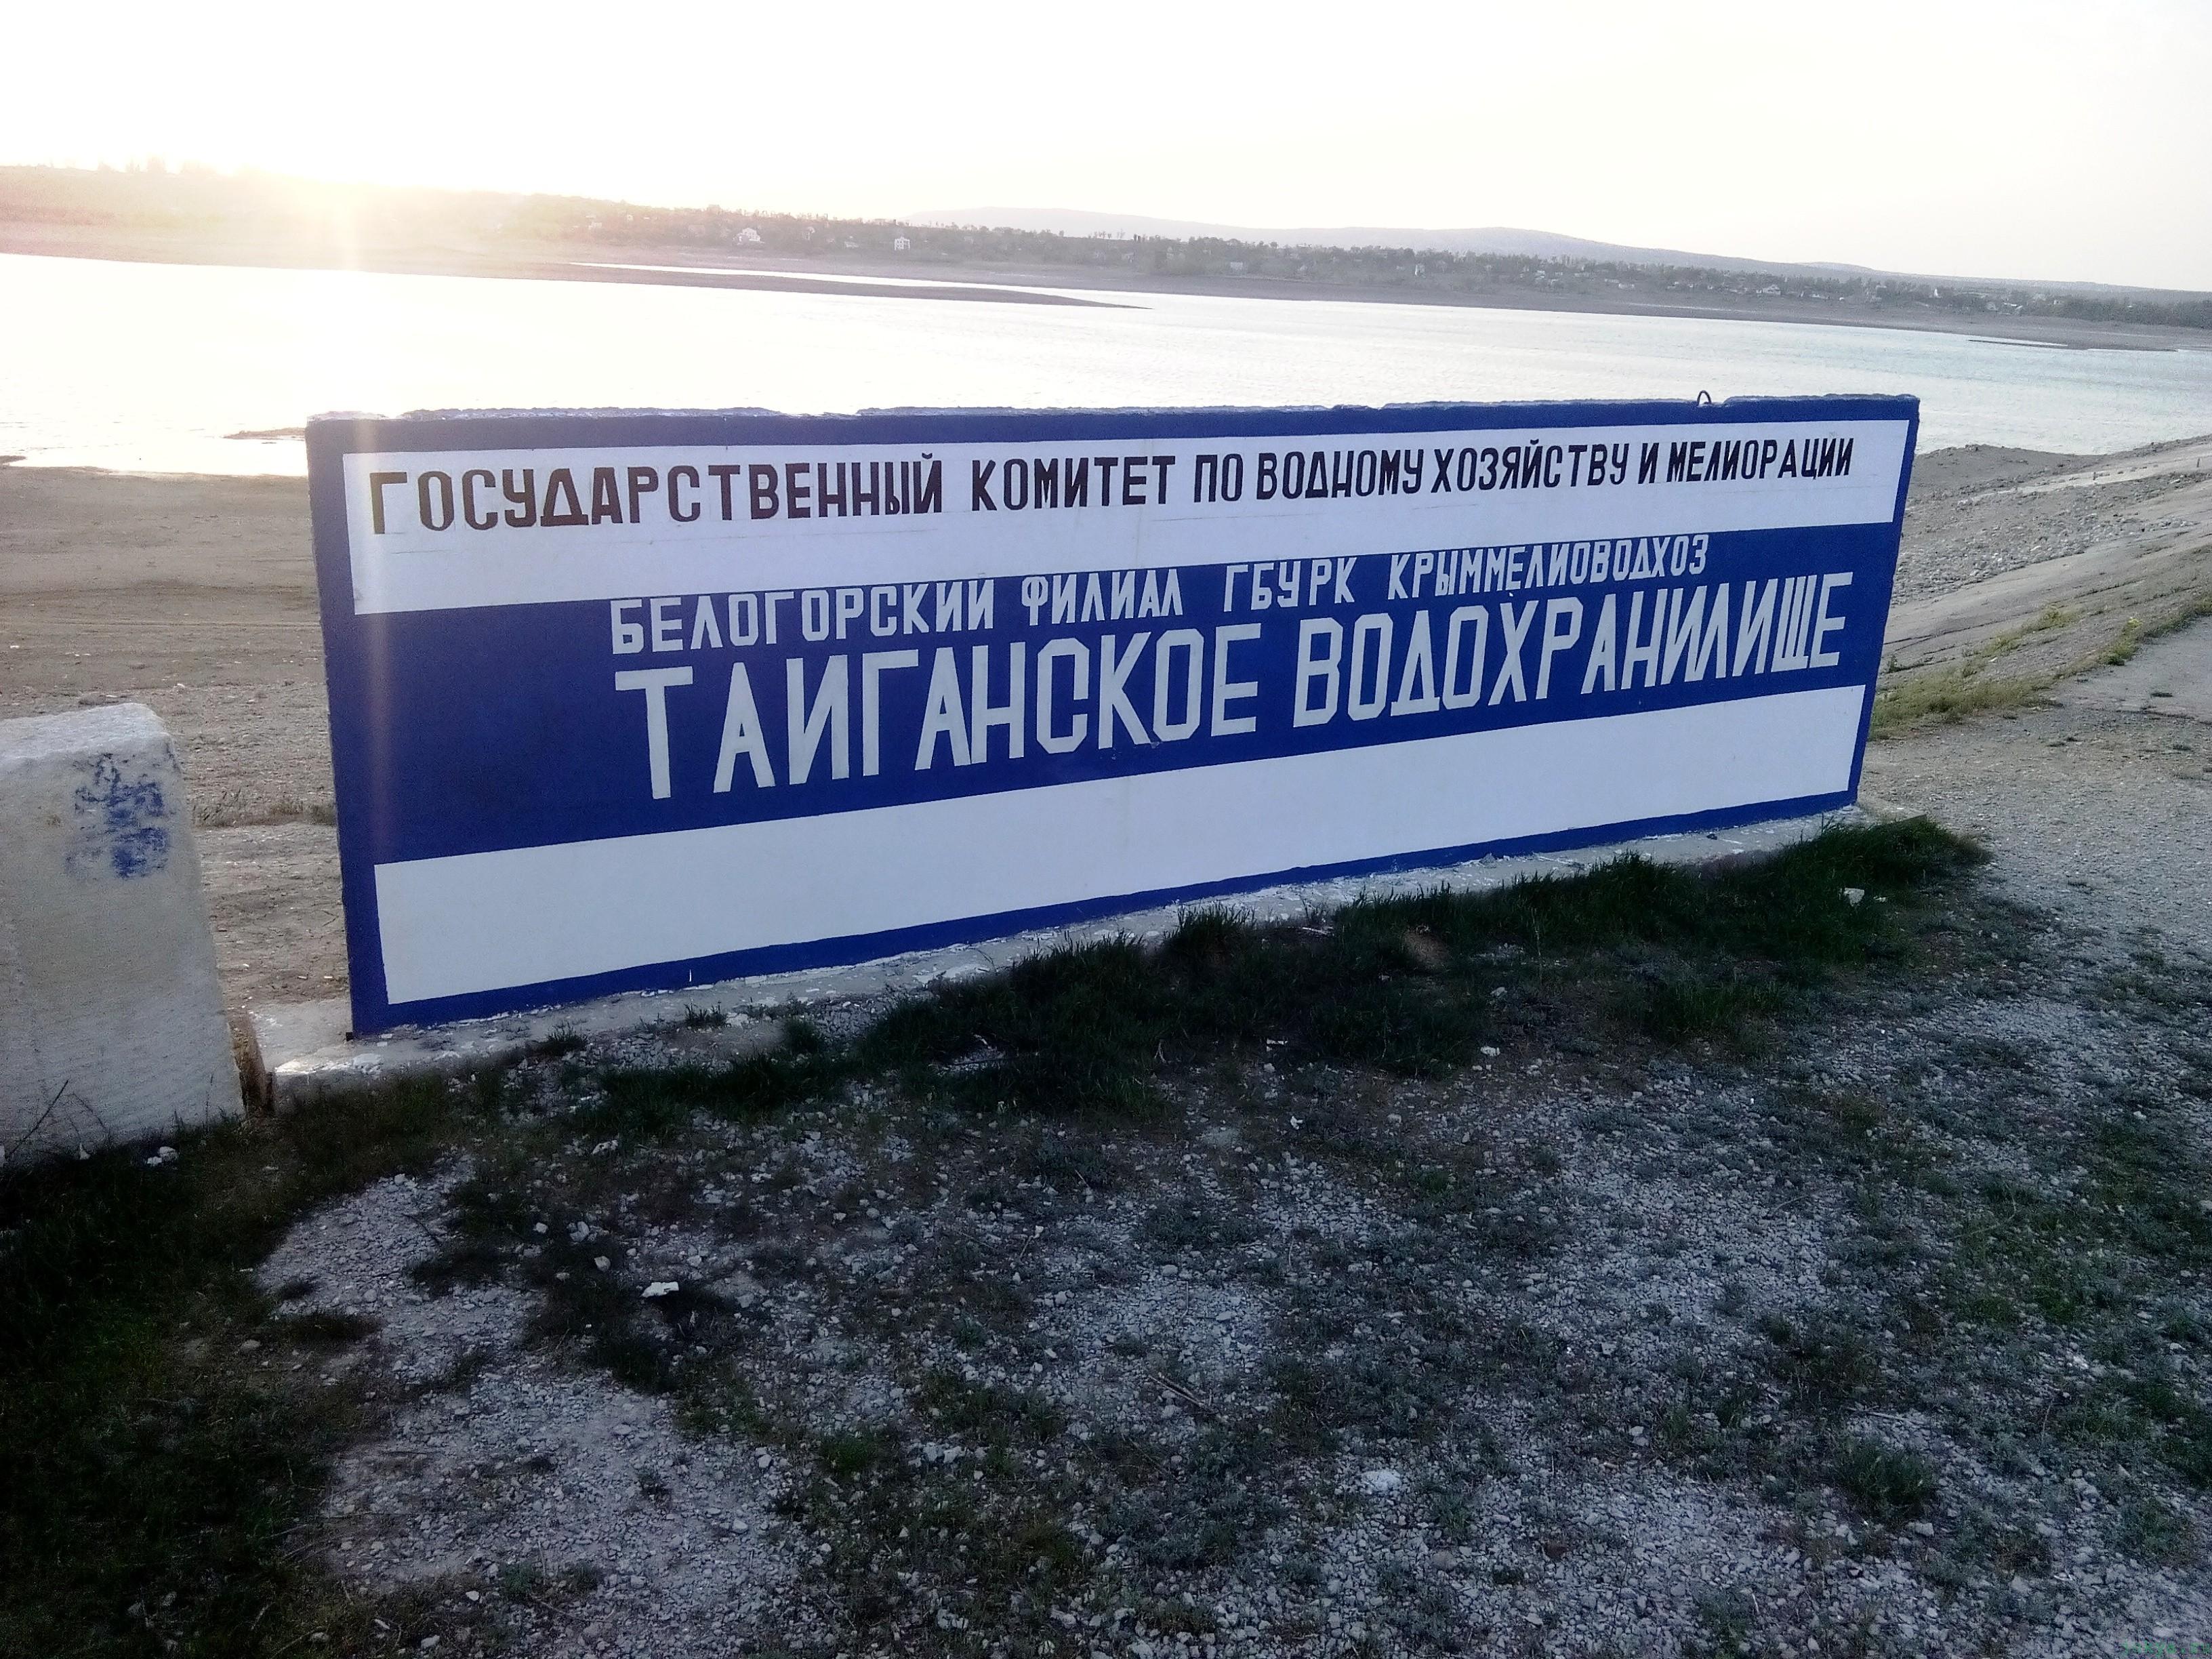 Тайганское водохранилище: закат солнышка над водоемом фото заметка о Крыме jokya.ru